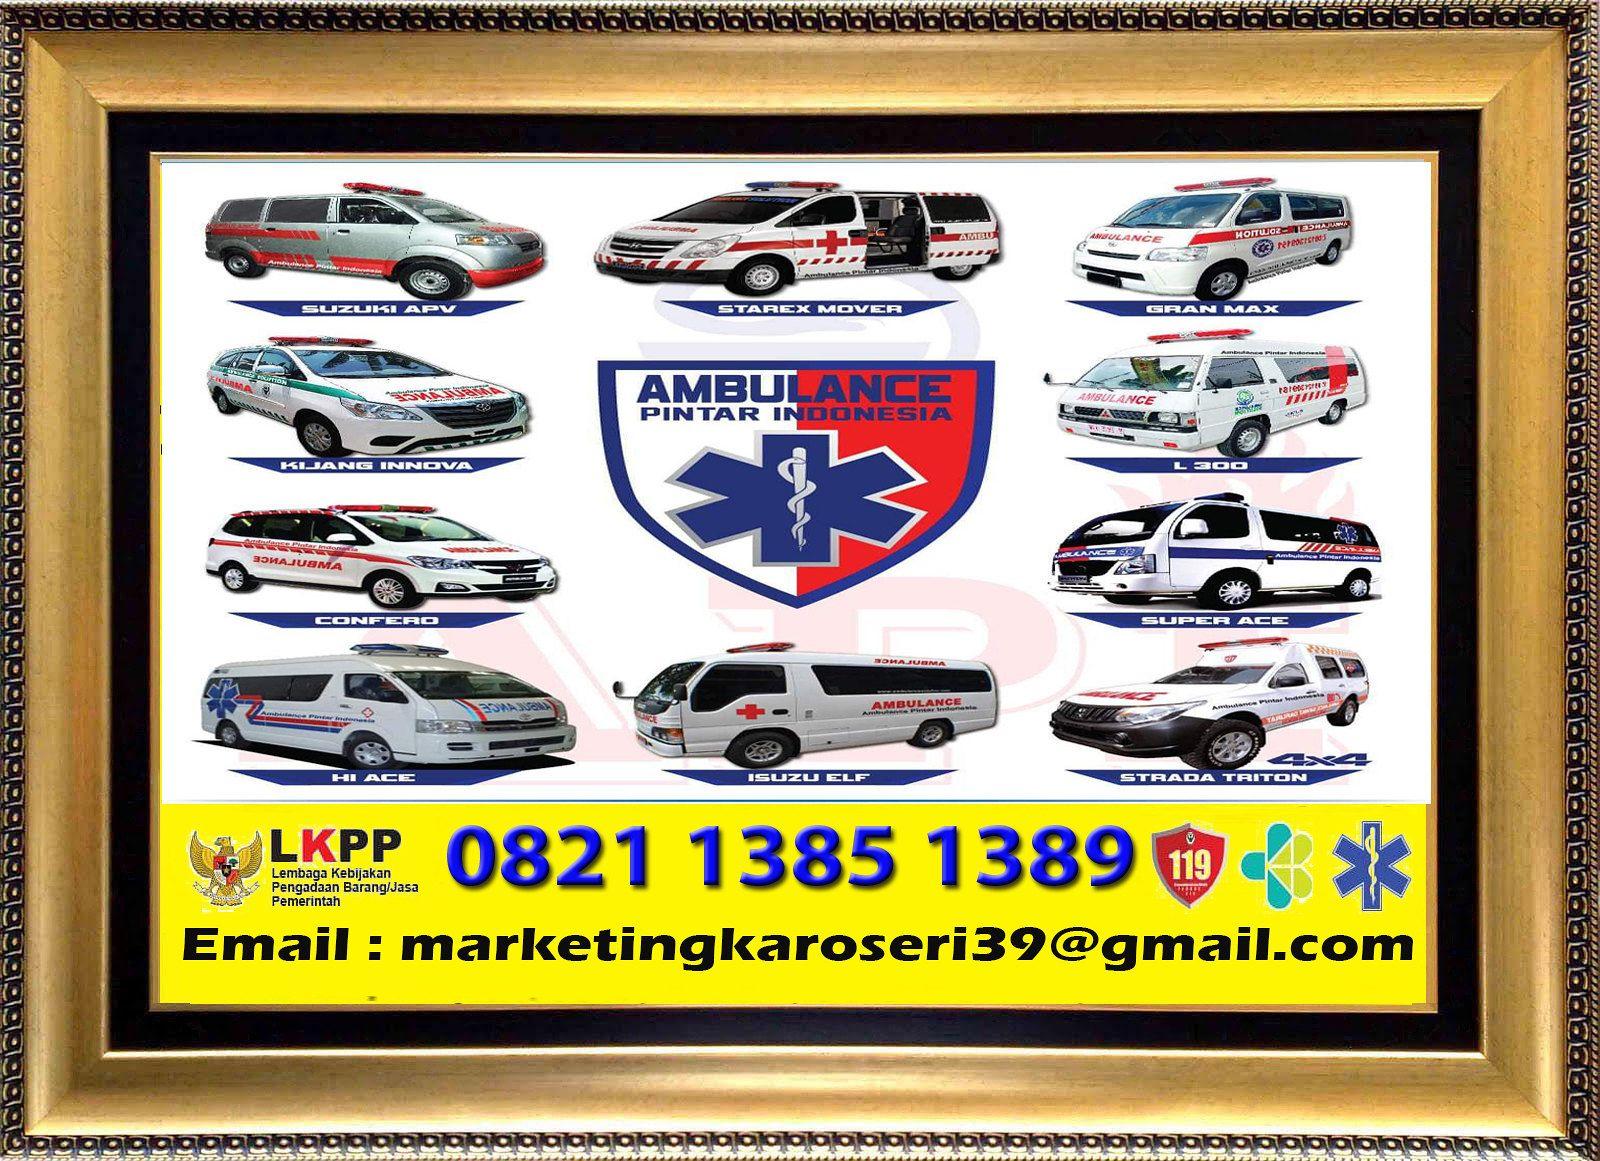 Spect Ambulance Mitsubishi Triton Karoseri Mobil Ambulance Indonesia 0821 1385 1389 Isuzu D Max Ambulance 4x4